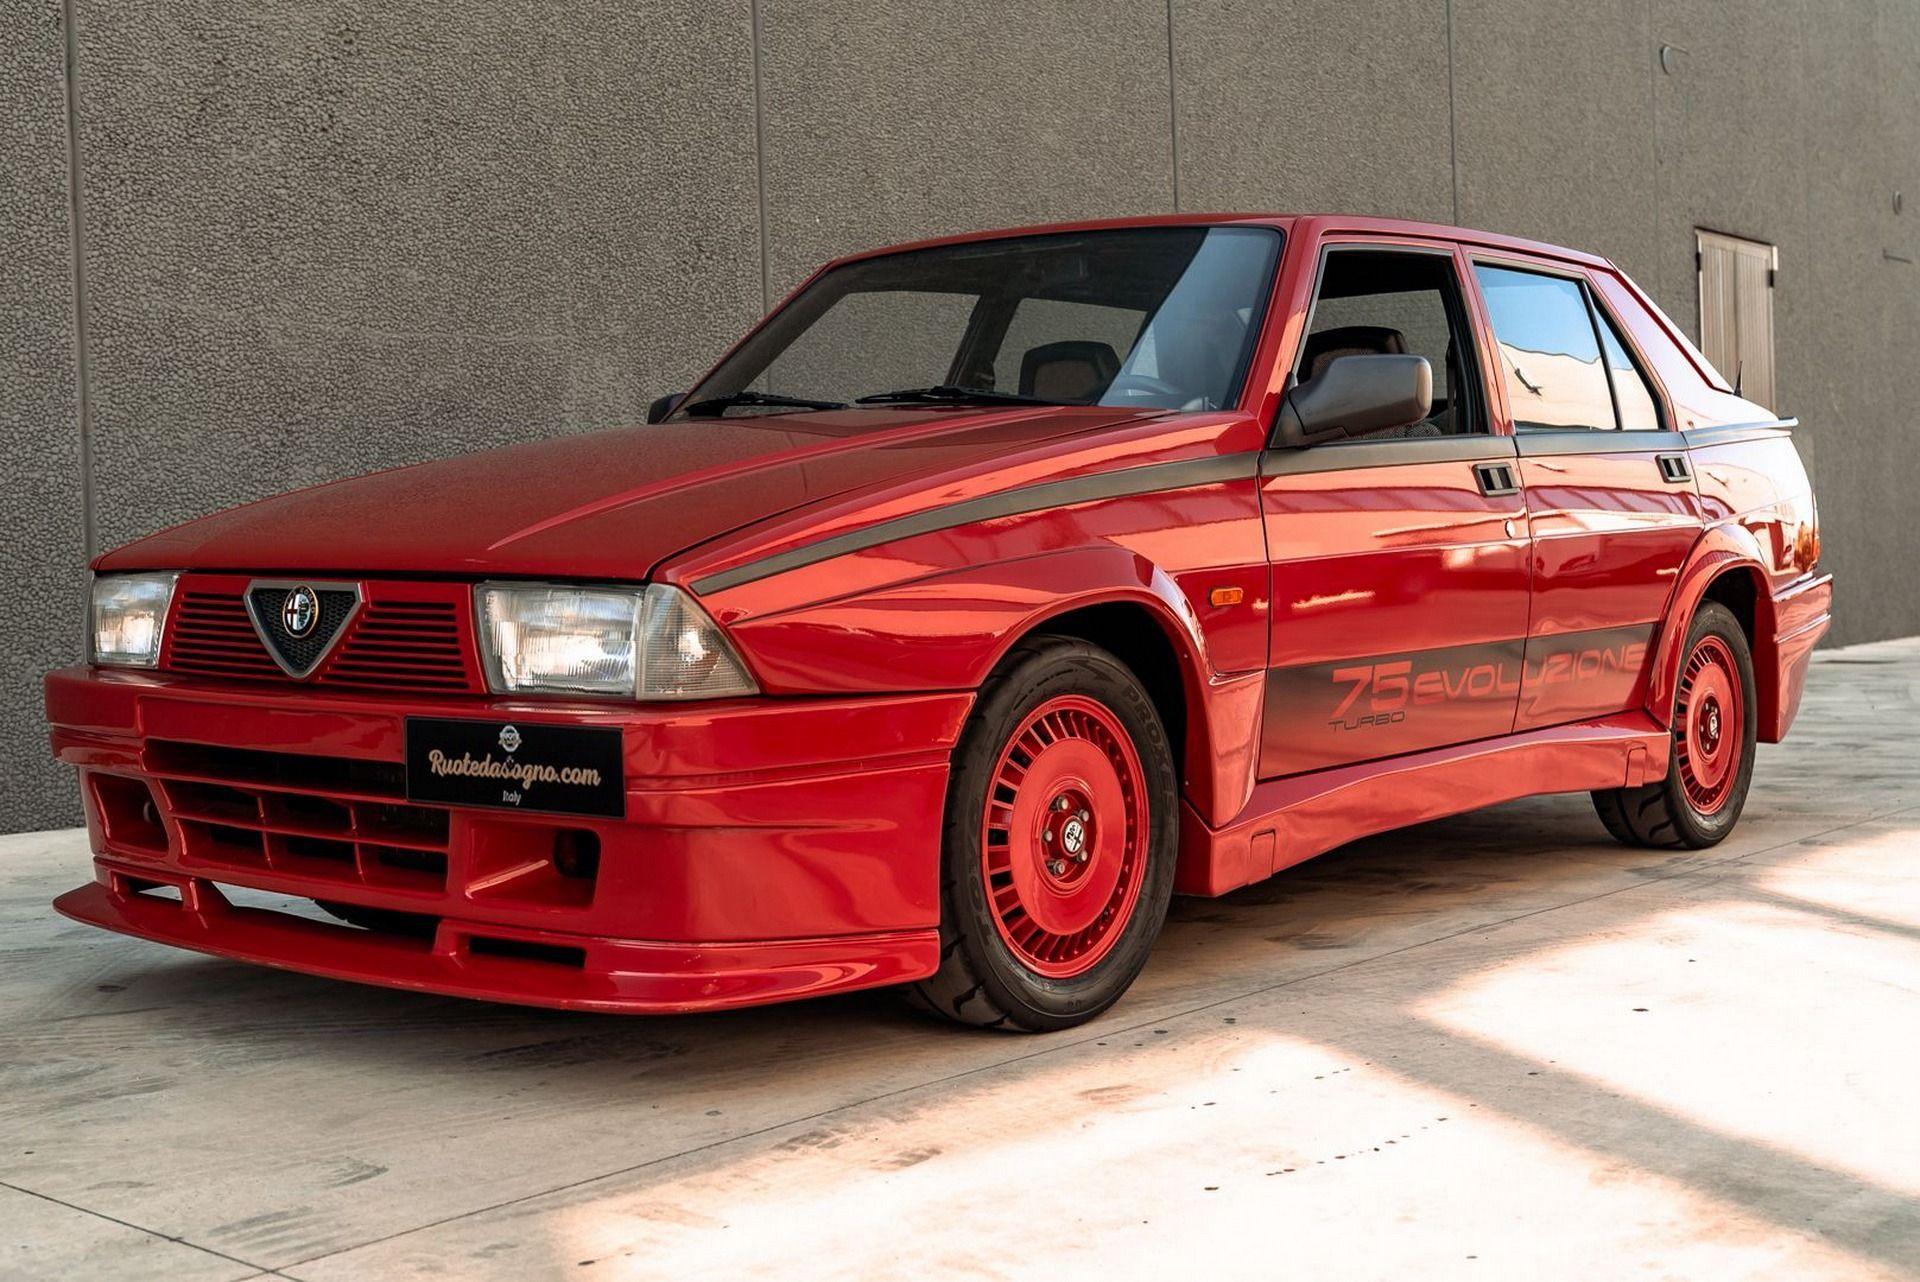 1987_Alfa_Romeo_75_Turbo_Evoluzione_sale-0007